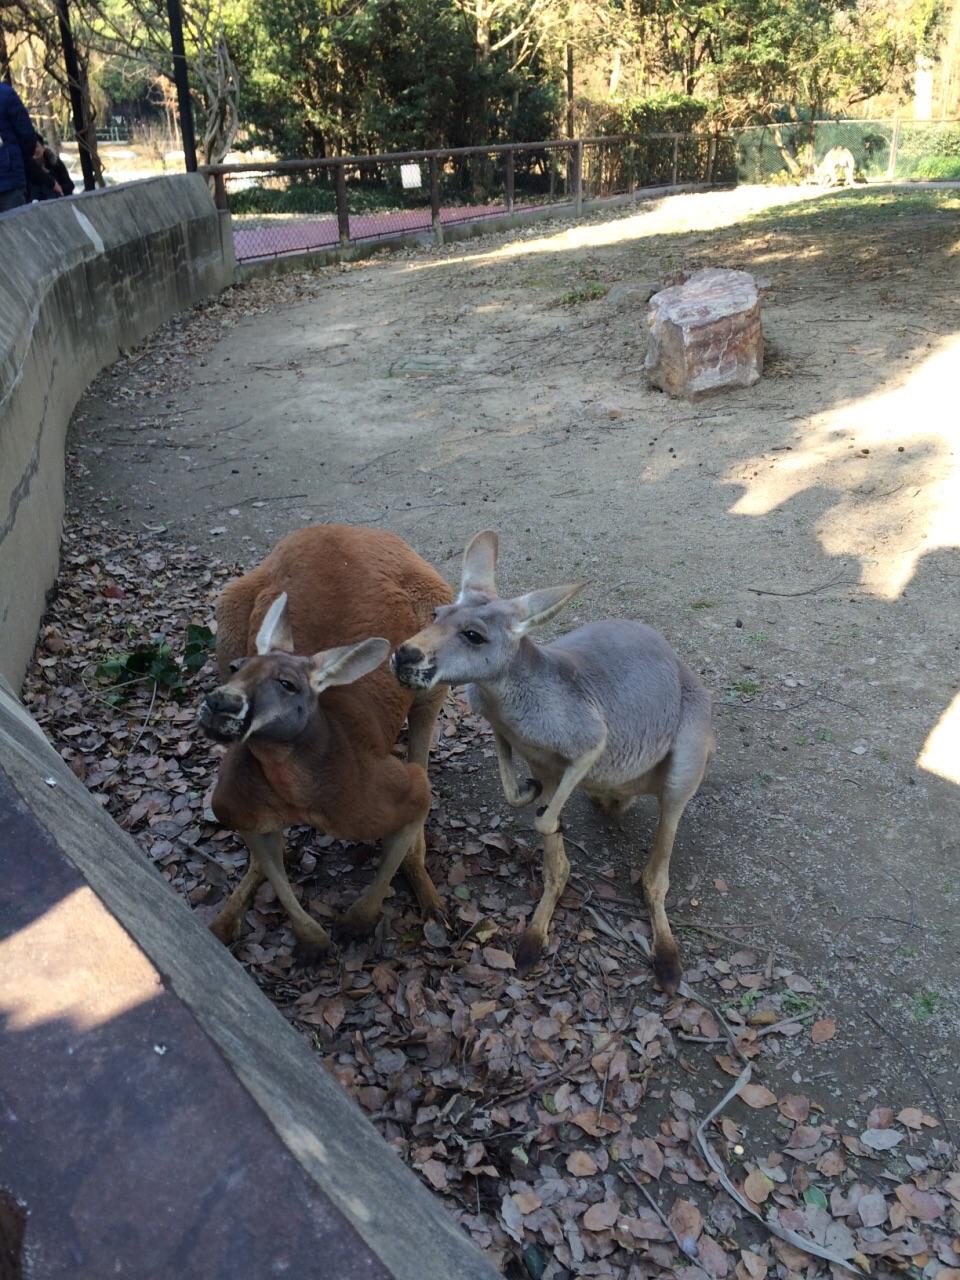 【携程攻略】上海上海野生动物园景点,提前订的周六39